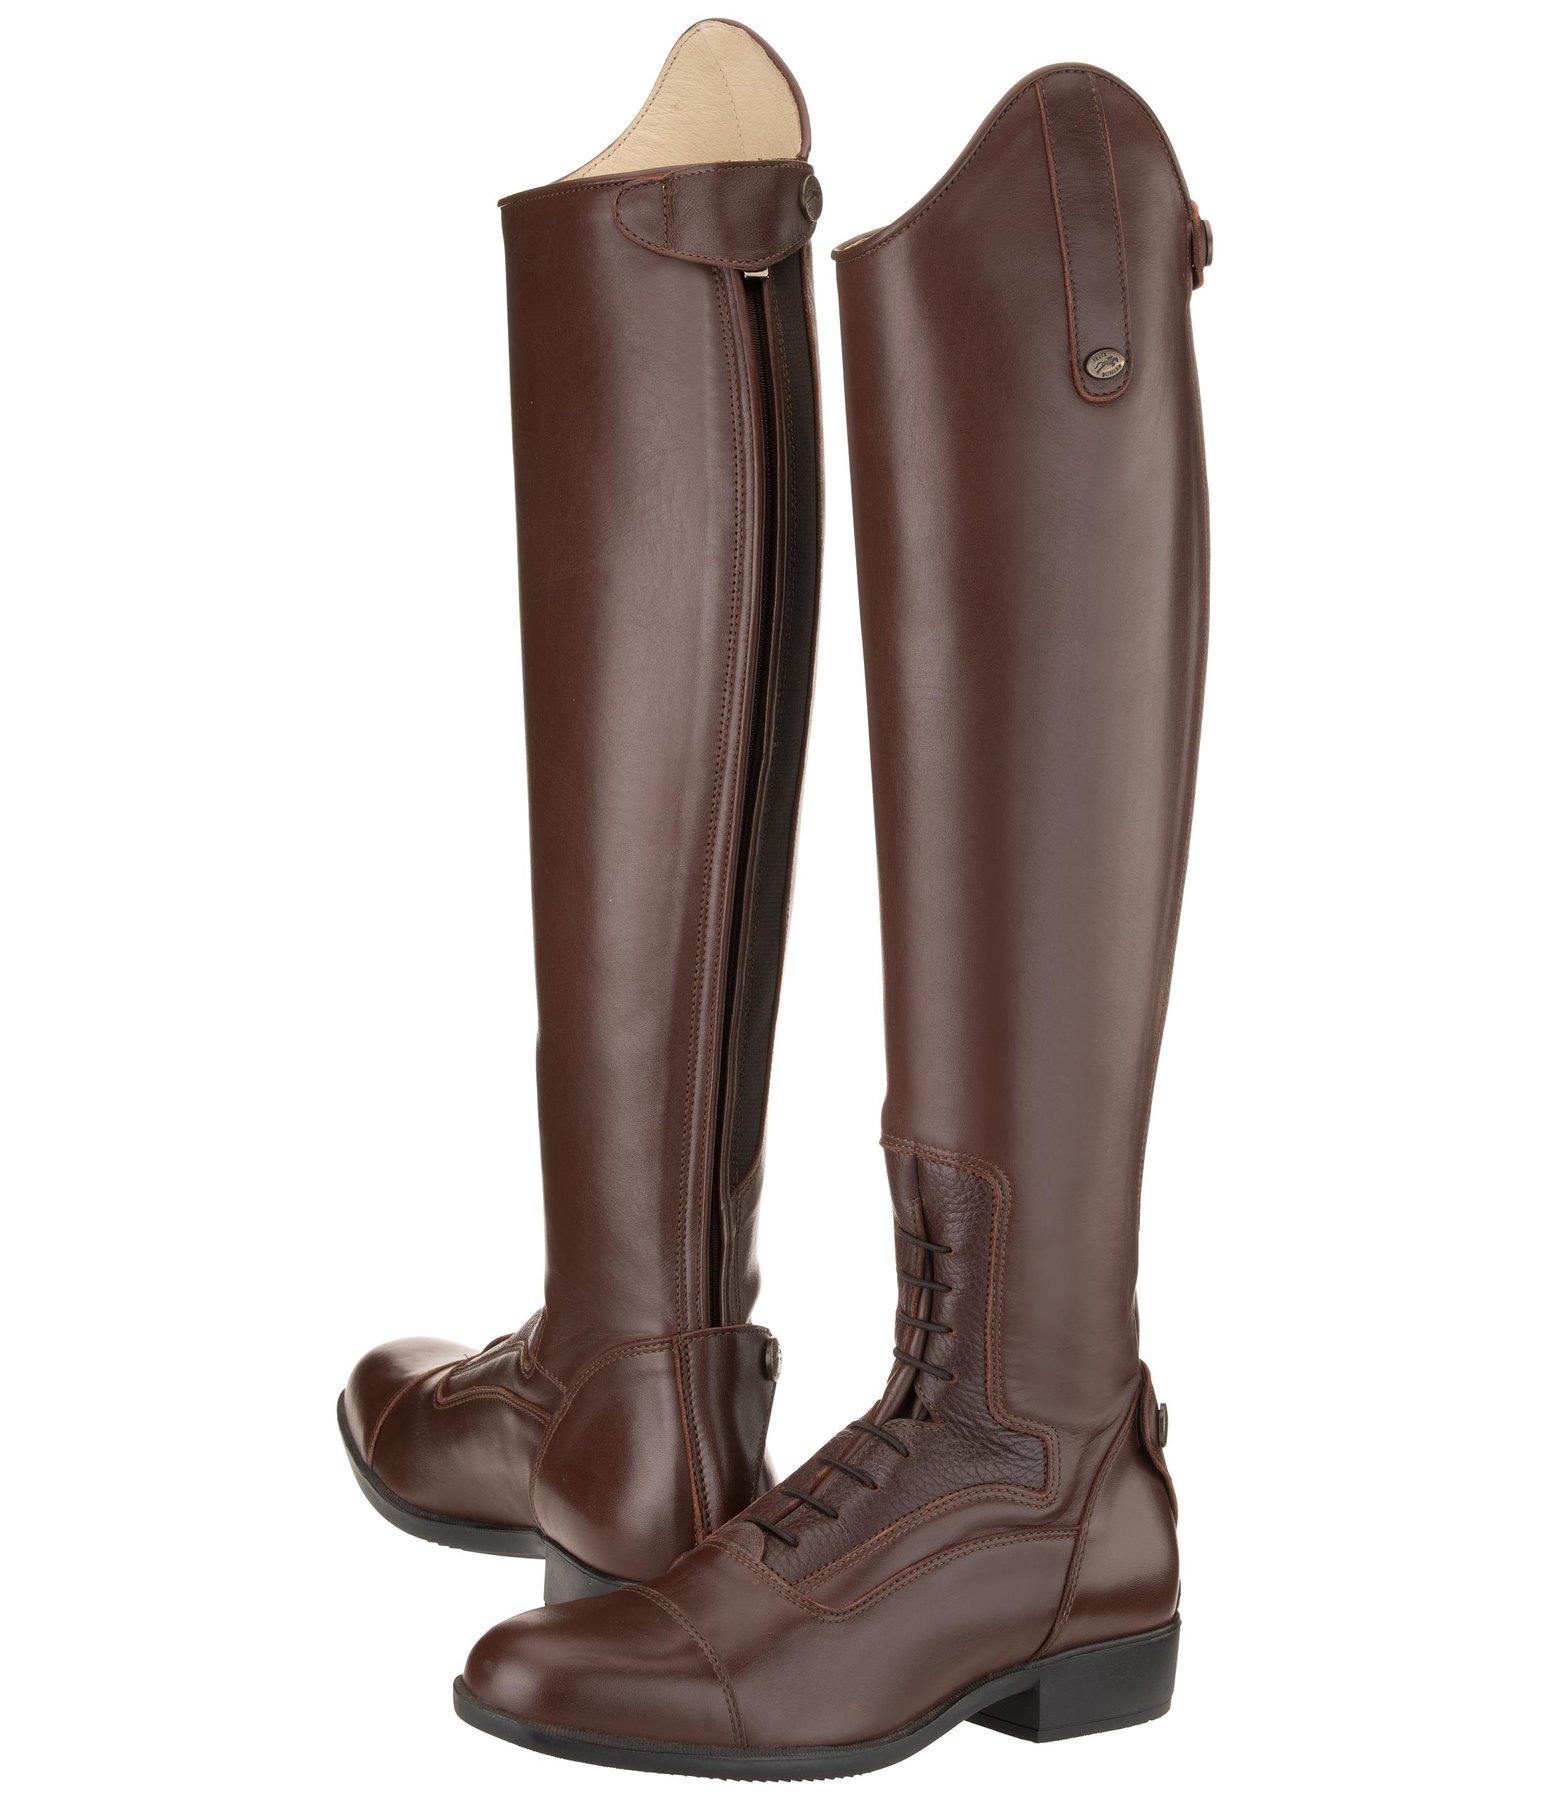 679965943 Felix Bühler Long Riding Boots Milano Cognac - 740830-4-CG